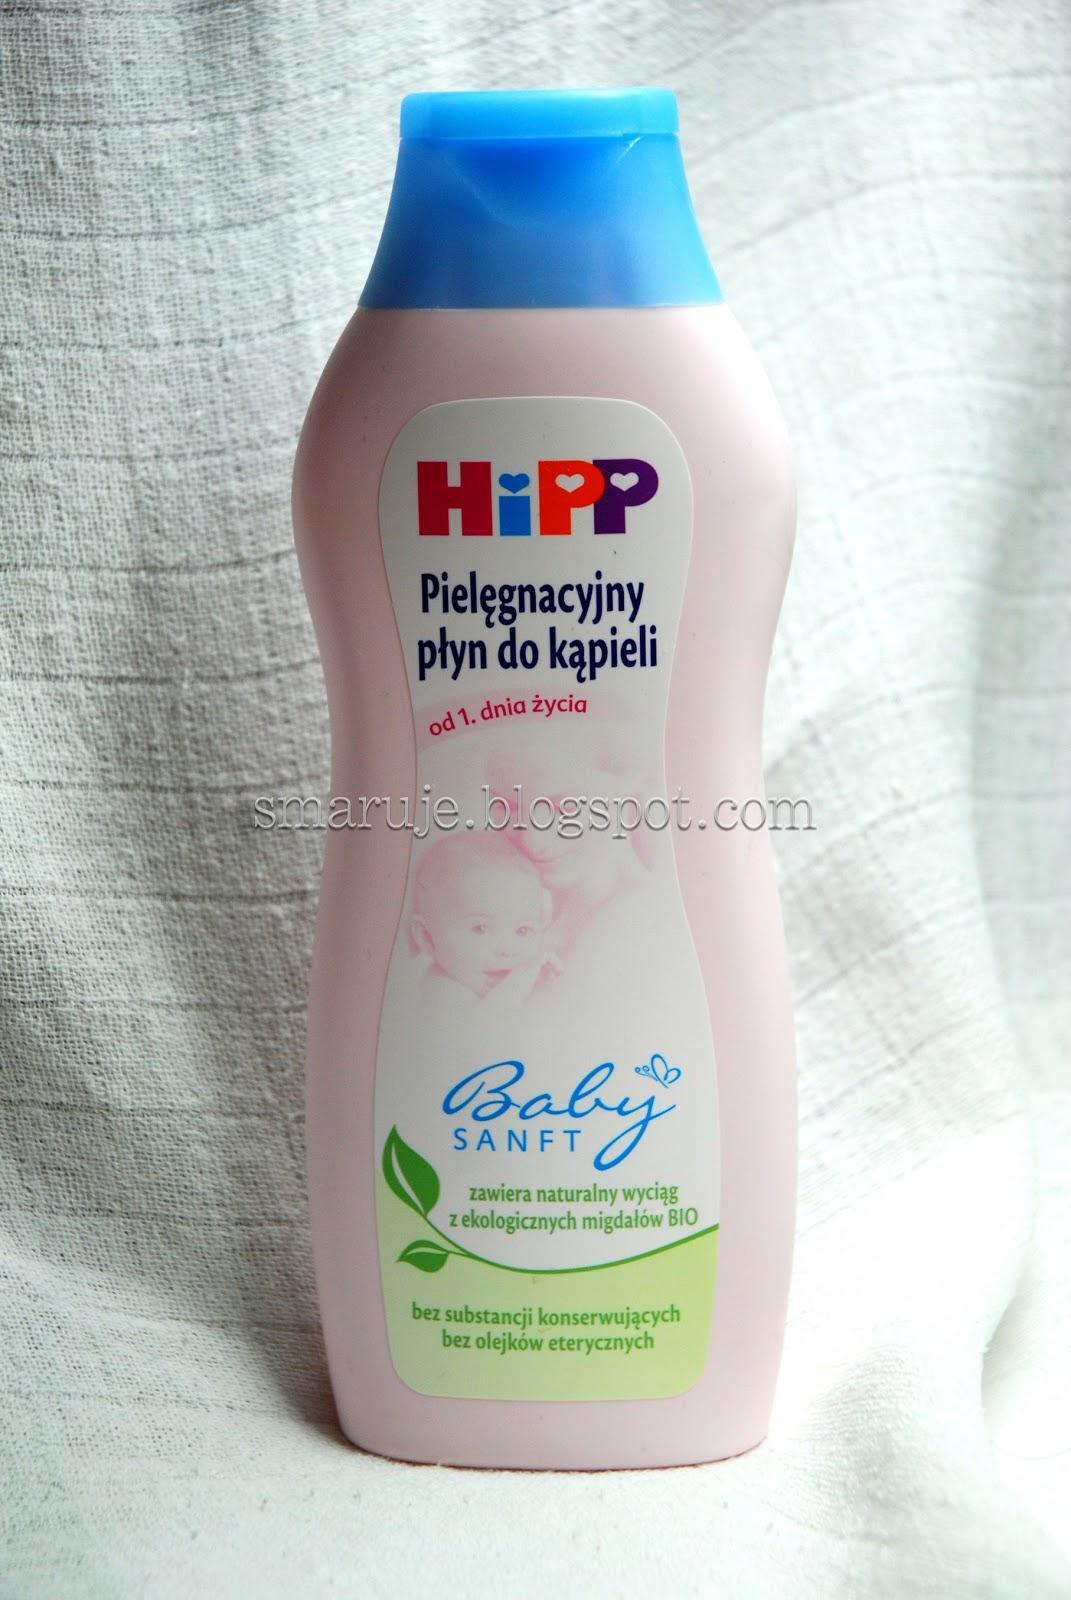 Hipp – Babysanft – Pielęgnacyjny płyn do kąpieli [recenzja]